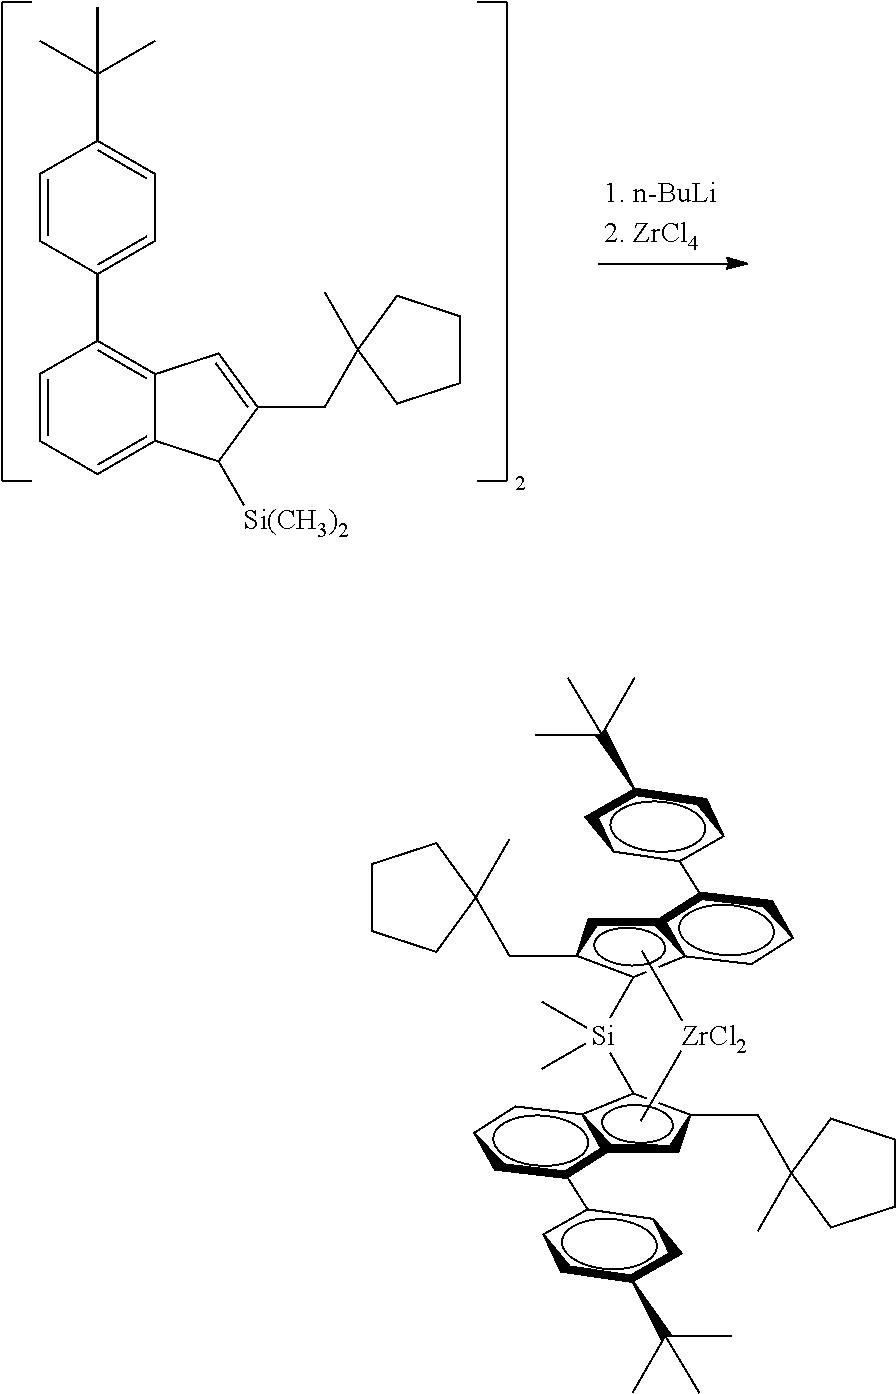 Figure US20110230630A1-20110922-C00059